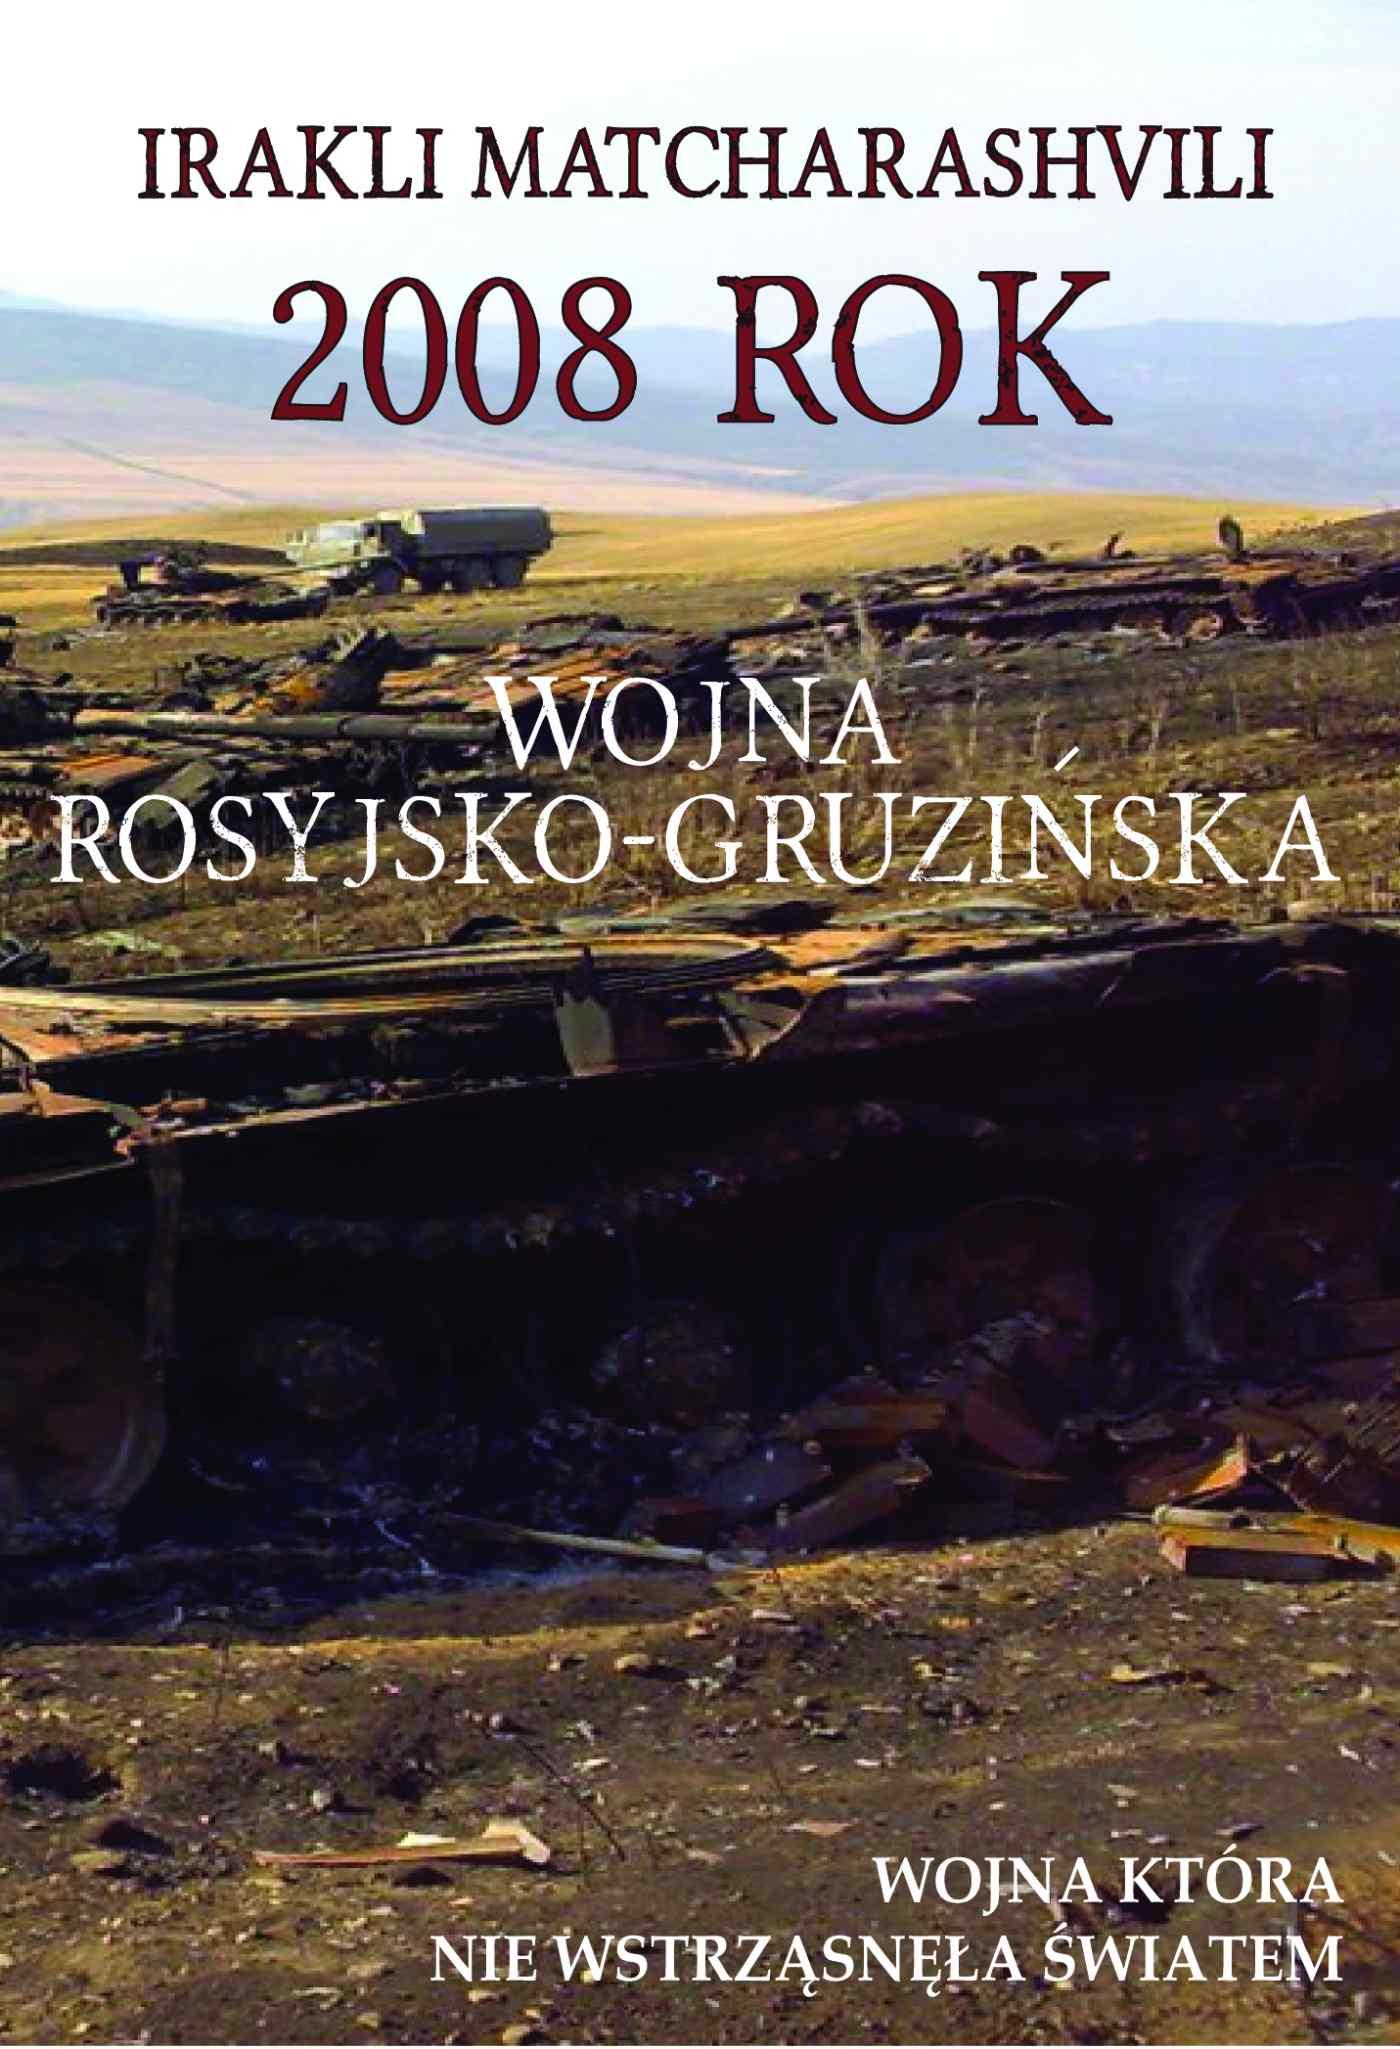 2008 rok. Wojna rosyjsko-gruzińska - Ebook (Książka EPUB) do pobrania w formacie EPUB